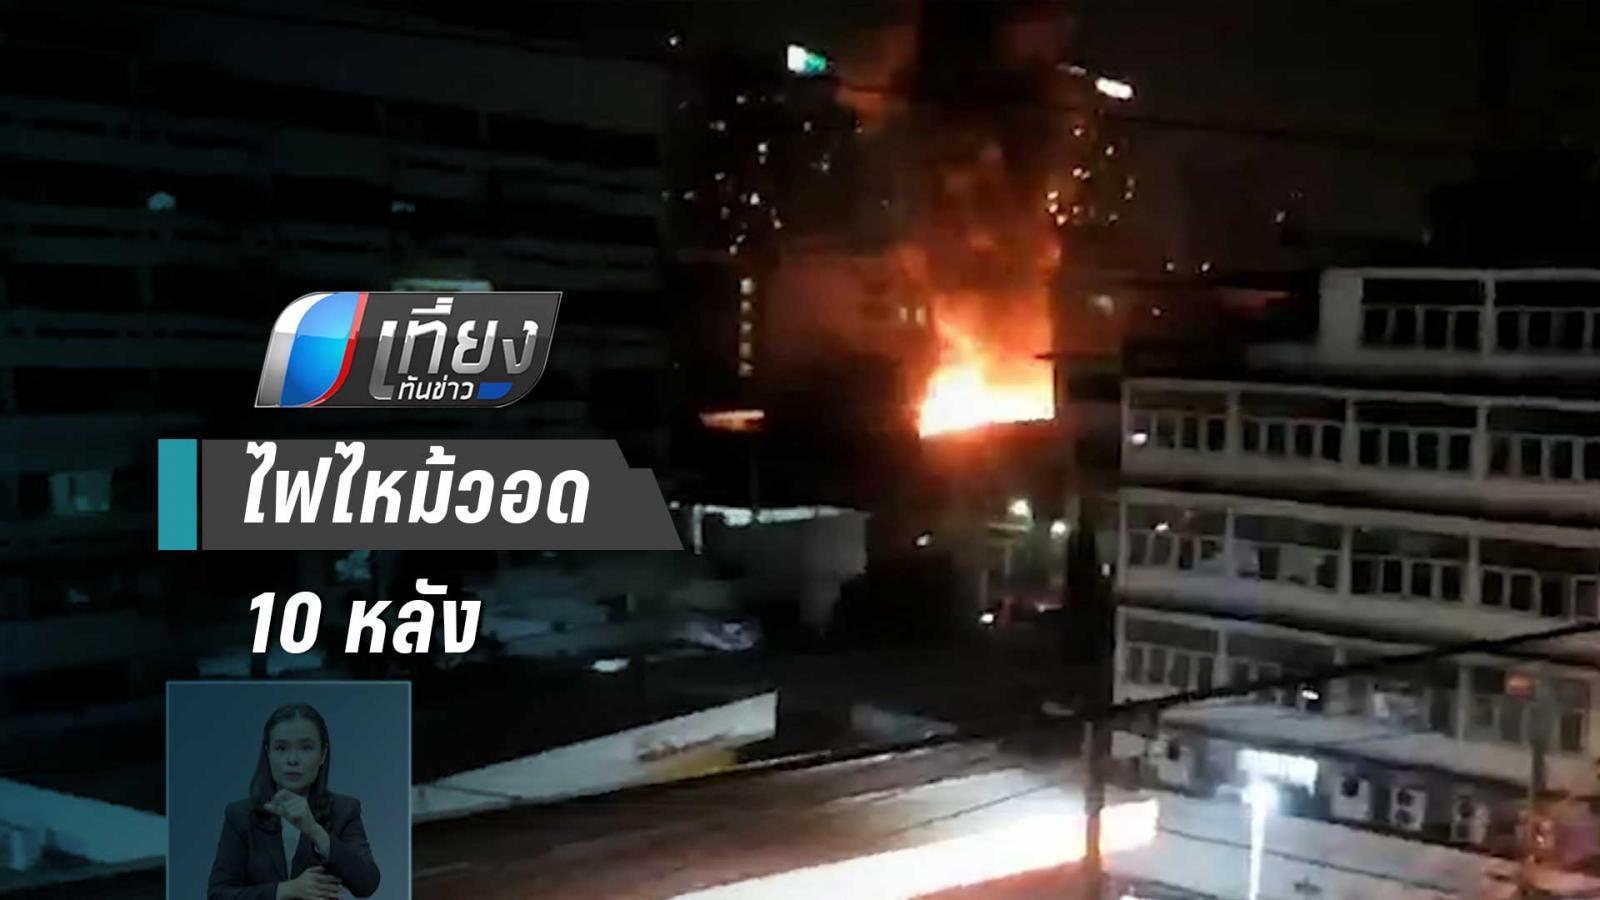 ไฟไหม้ชุมชนบ้านครัวเหนือ ย่านราชเทวี วอด 10 หลัง